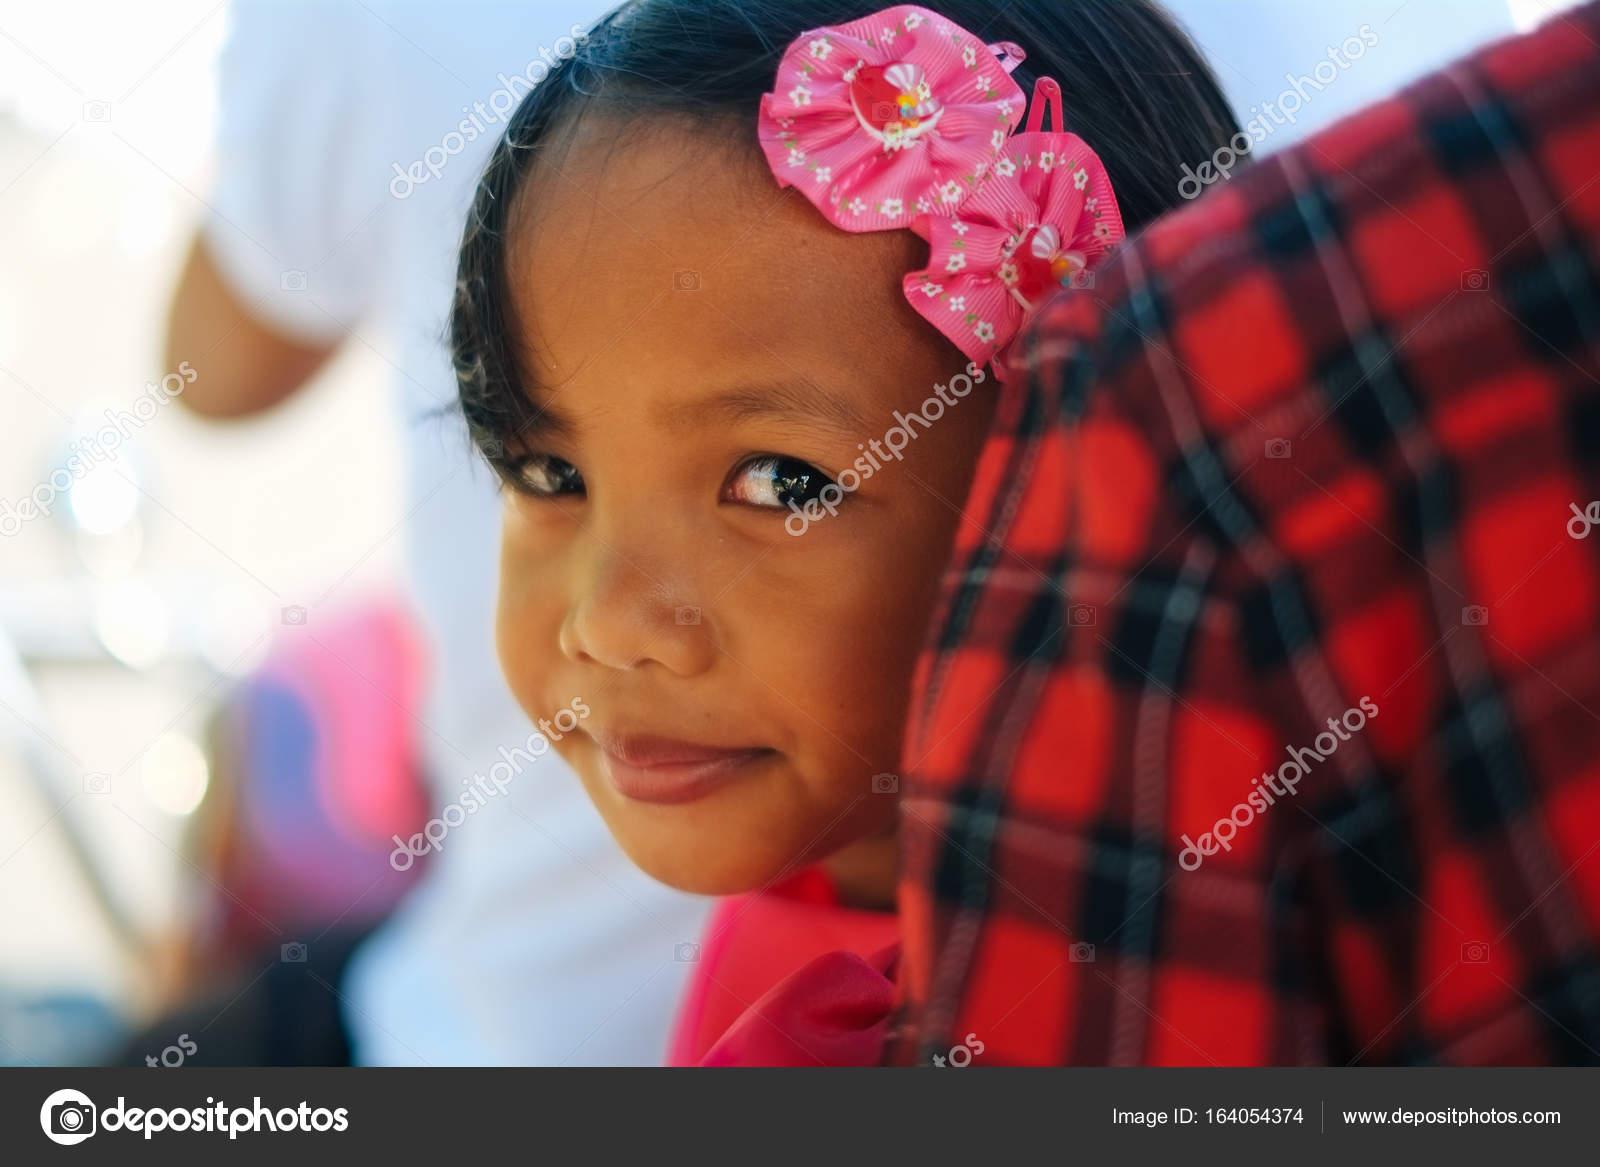 Niedliche kleine Mädchen im rosa Kleid mit weißen Blumen ...